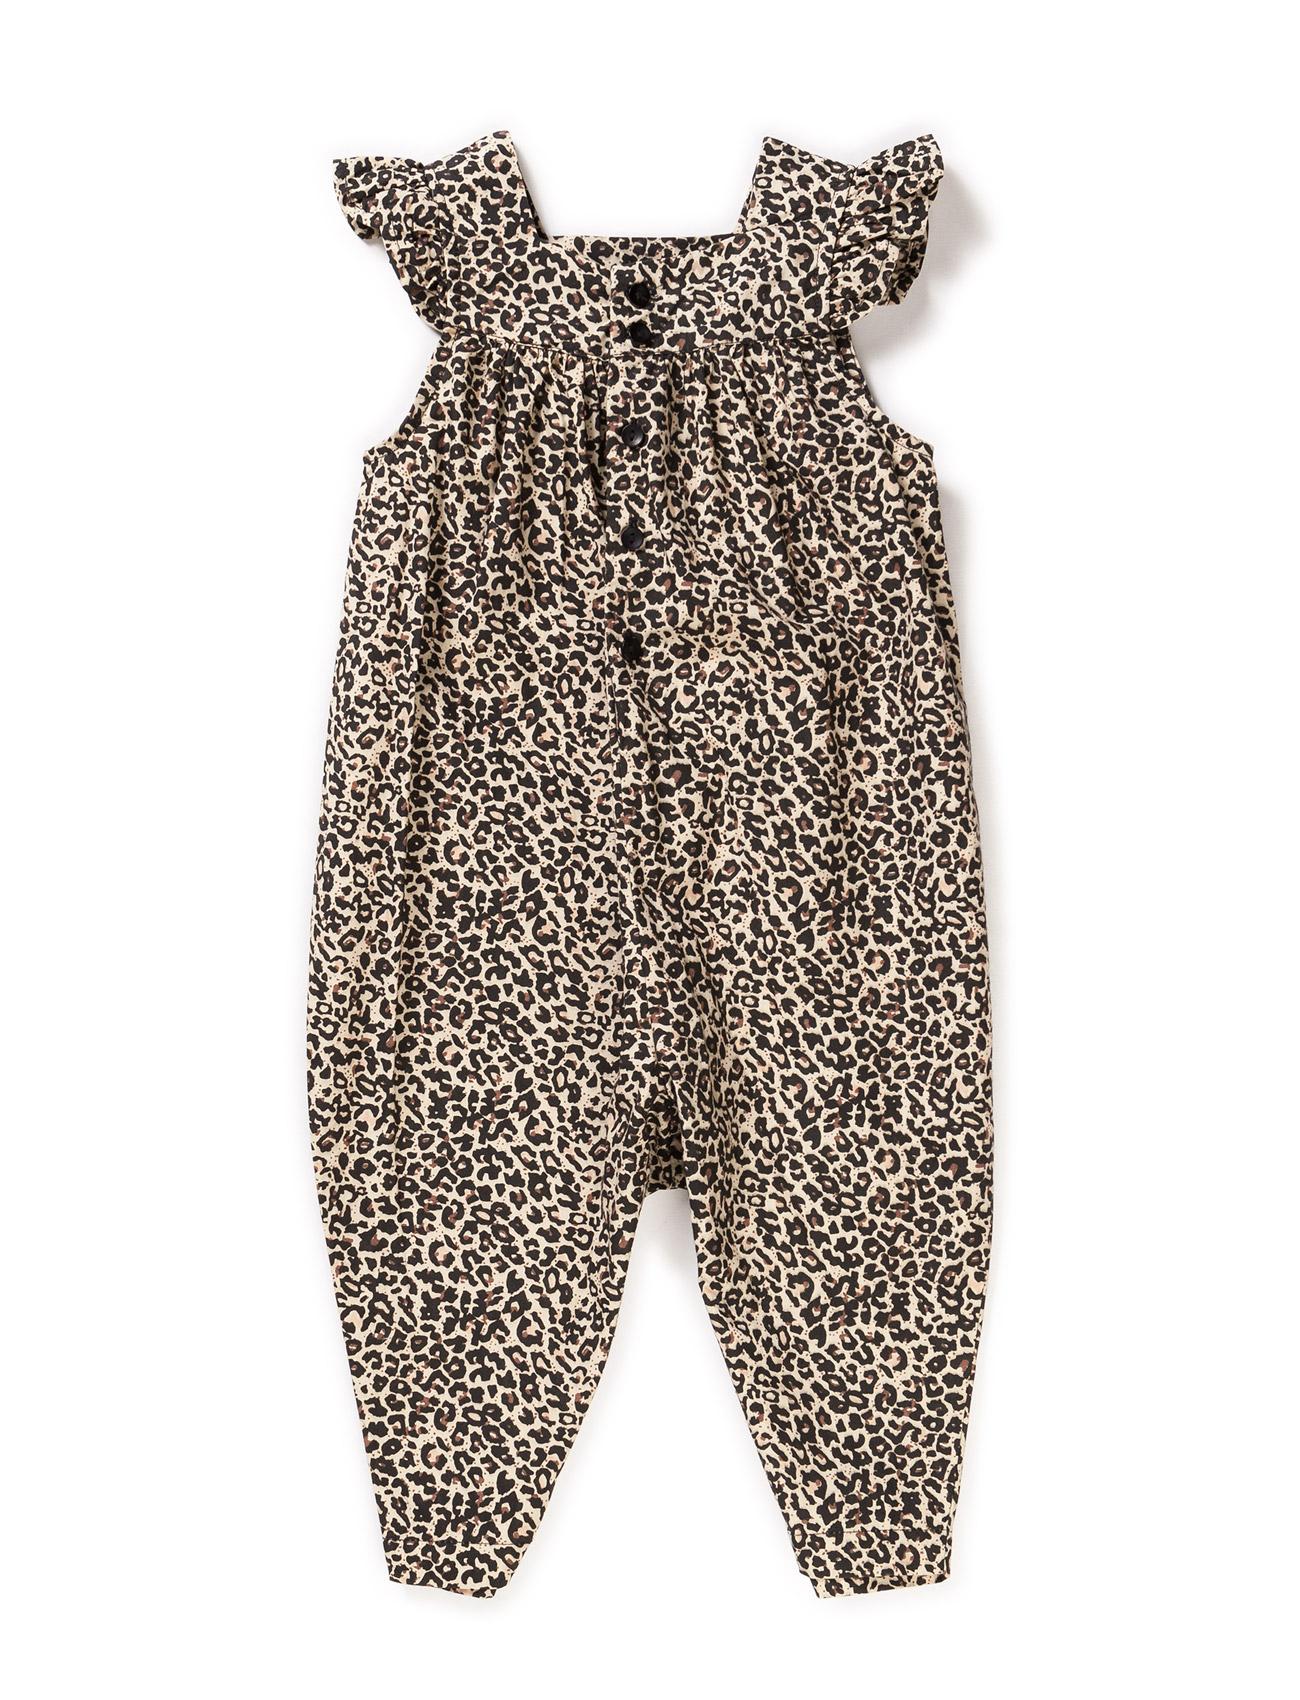 Leo Paprika Suit MarMar Cph  til Børn i